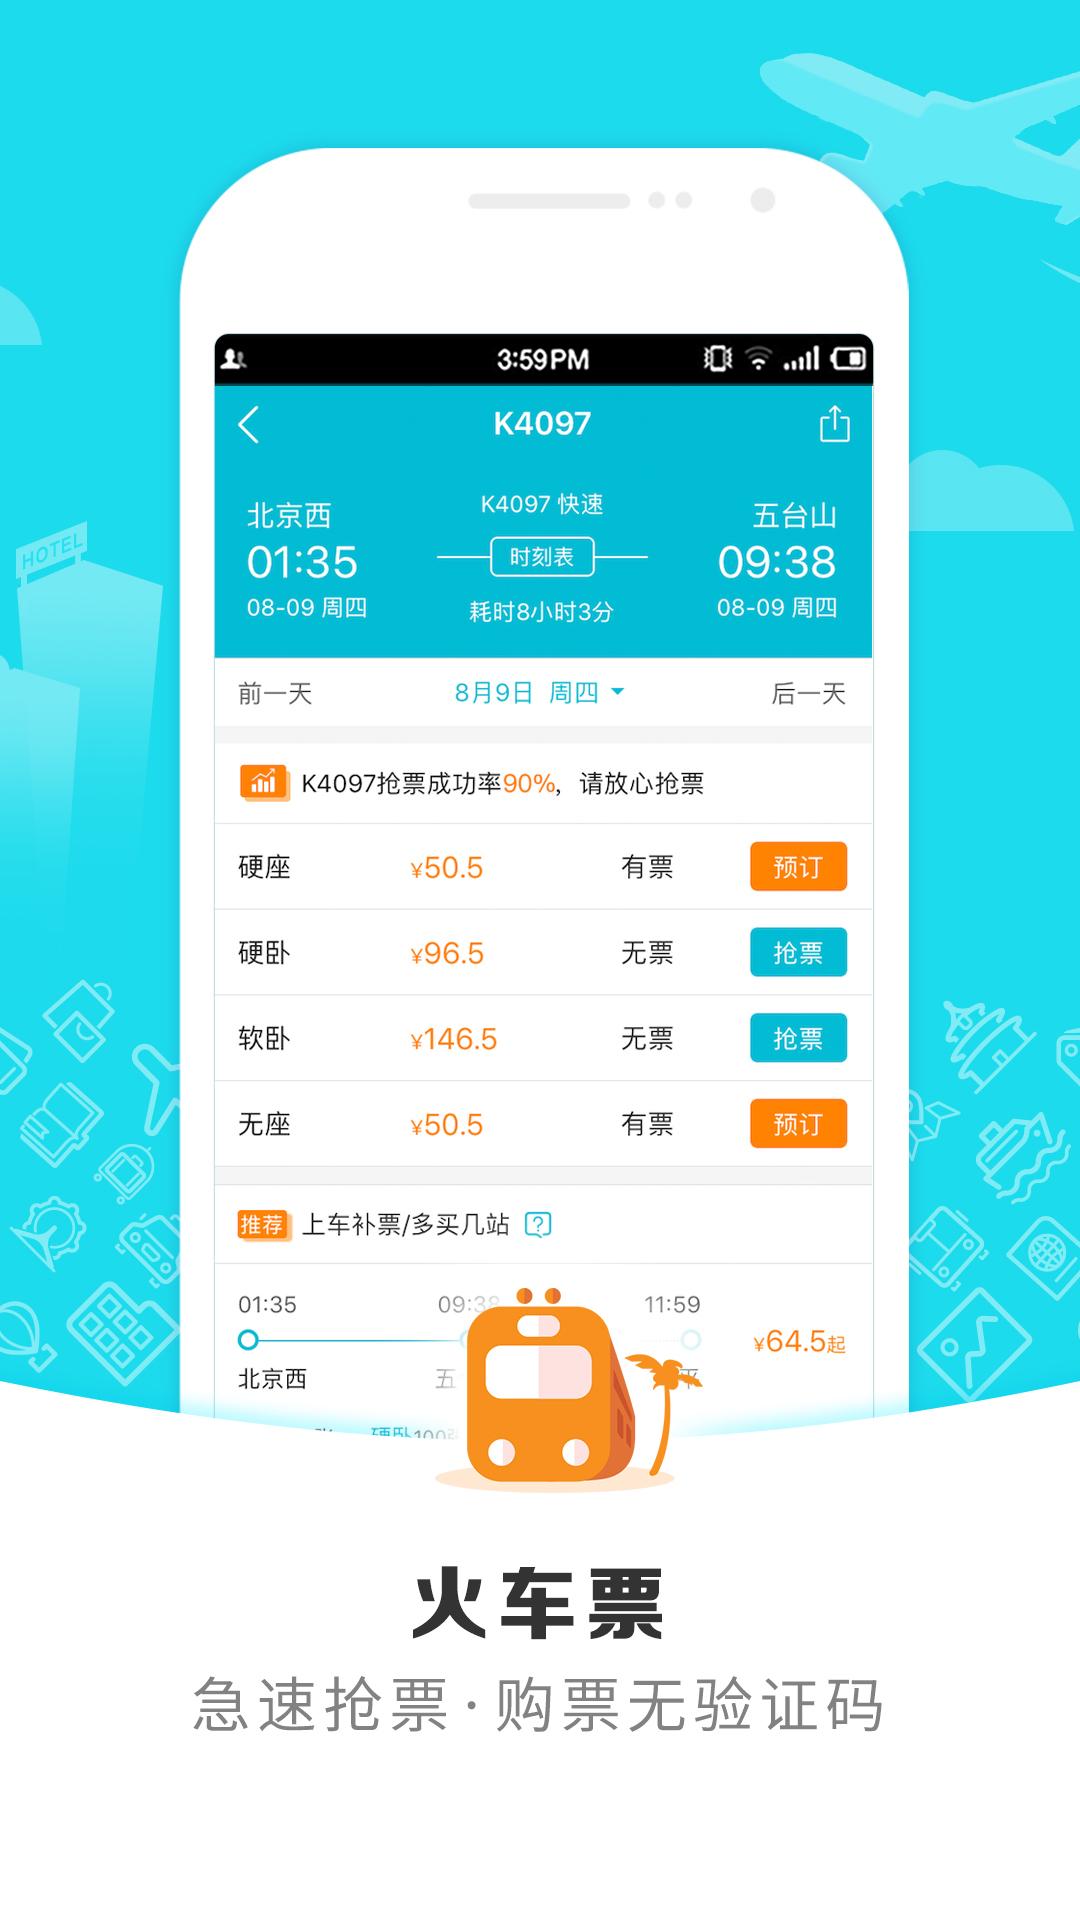 去哪儿旅行安卓版 V9.0.7